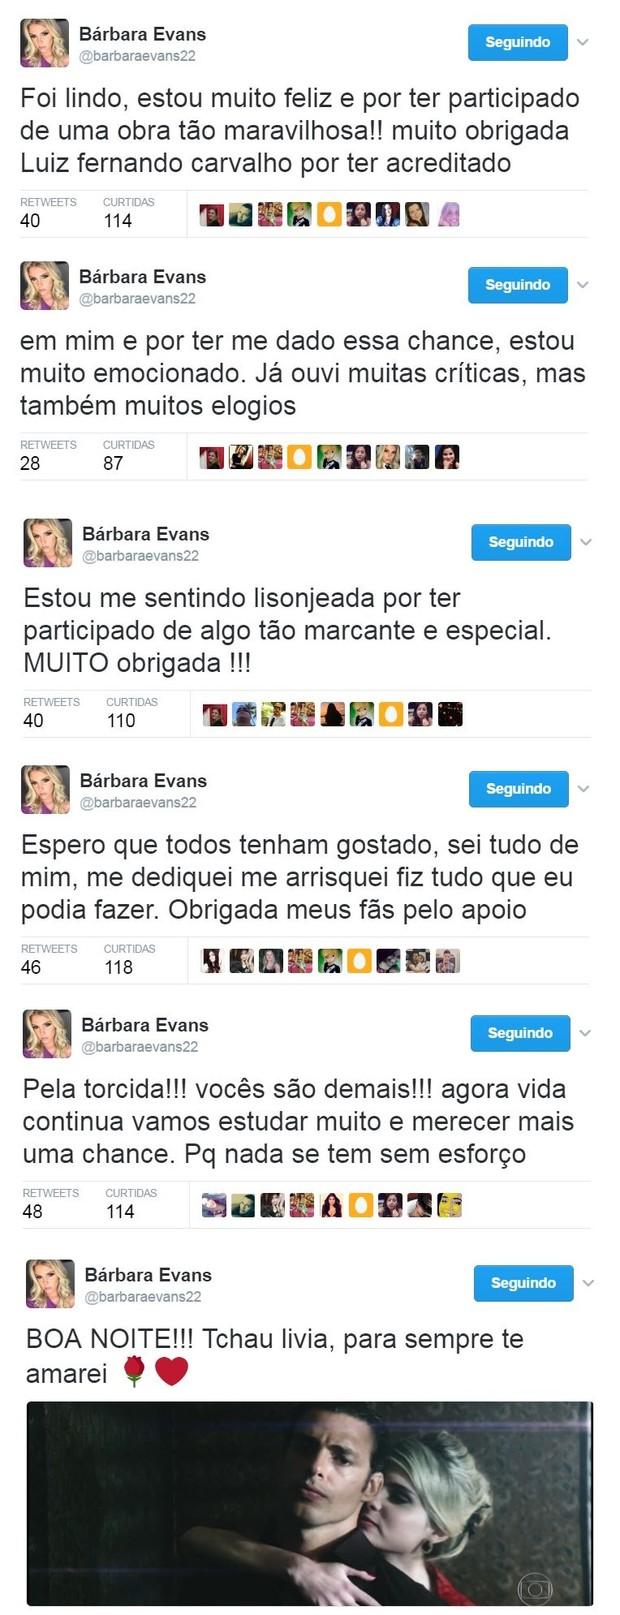 Bárbara Evans se despede de Dois Irmãos e comenta estreia como atriz (Foto: Reprodução/Twitter)